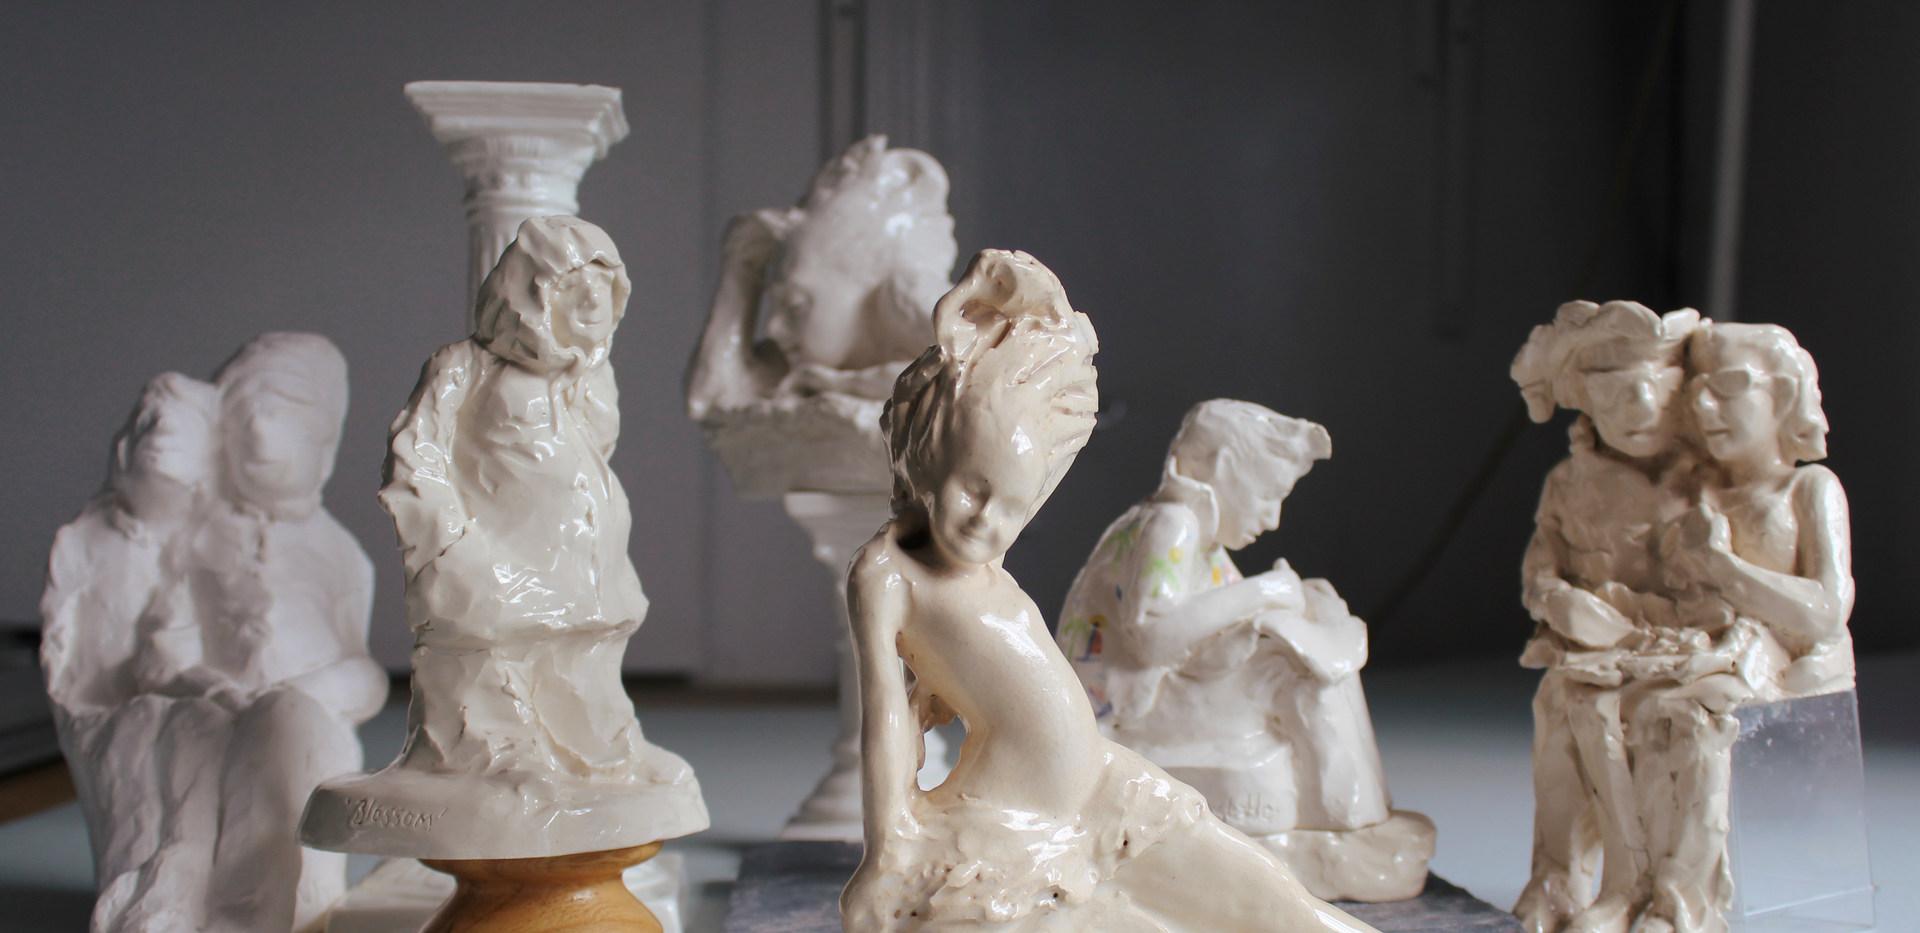 angela malone sculptures.JPG